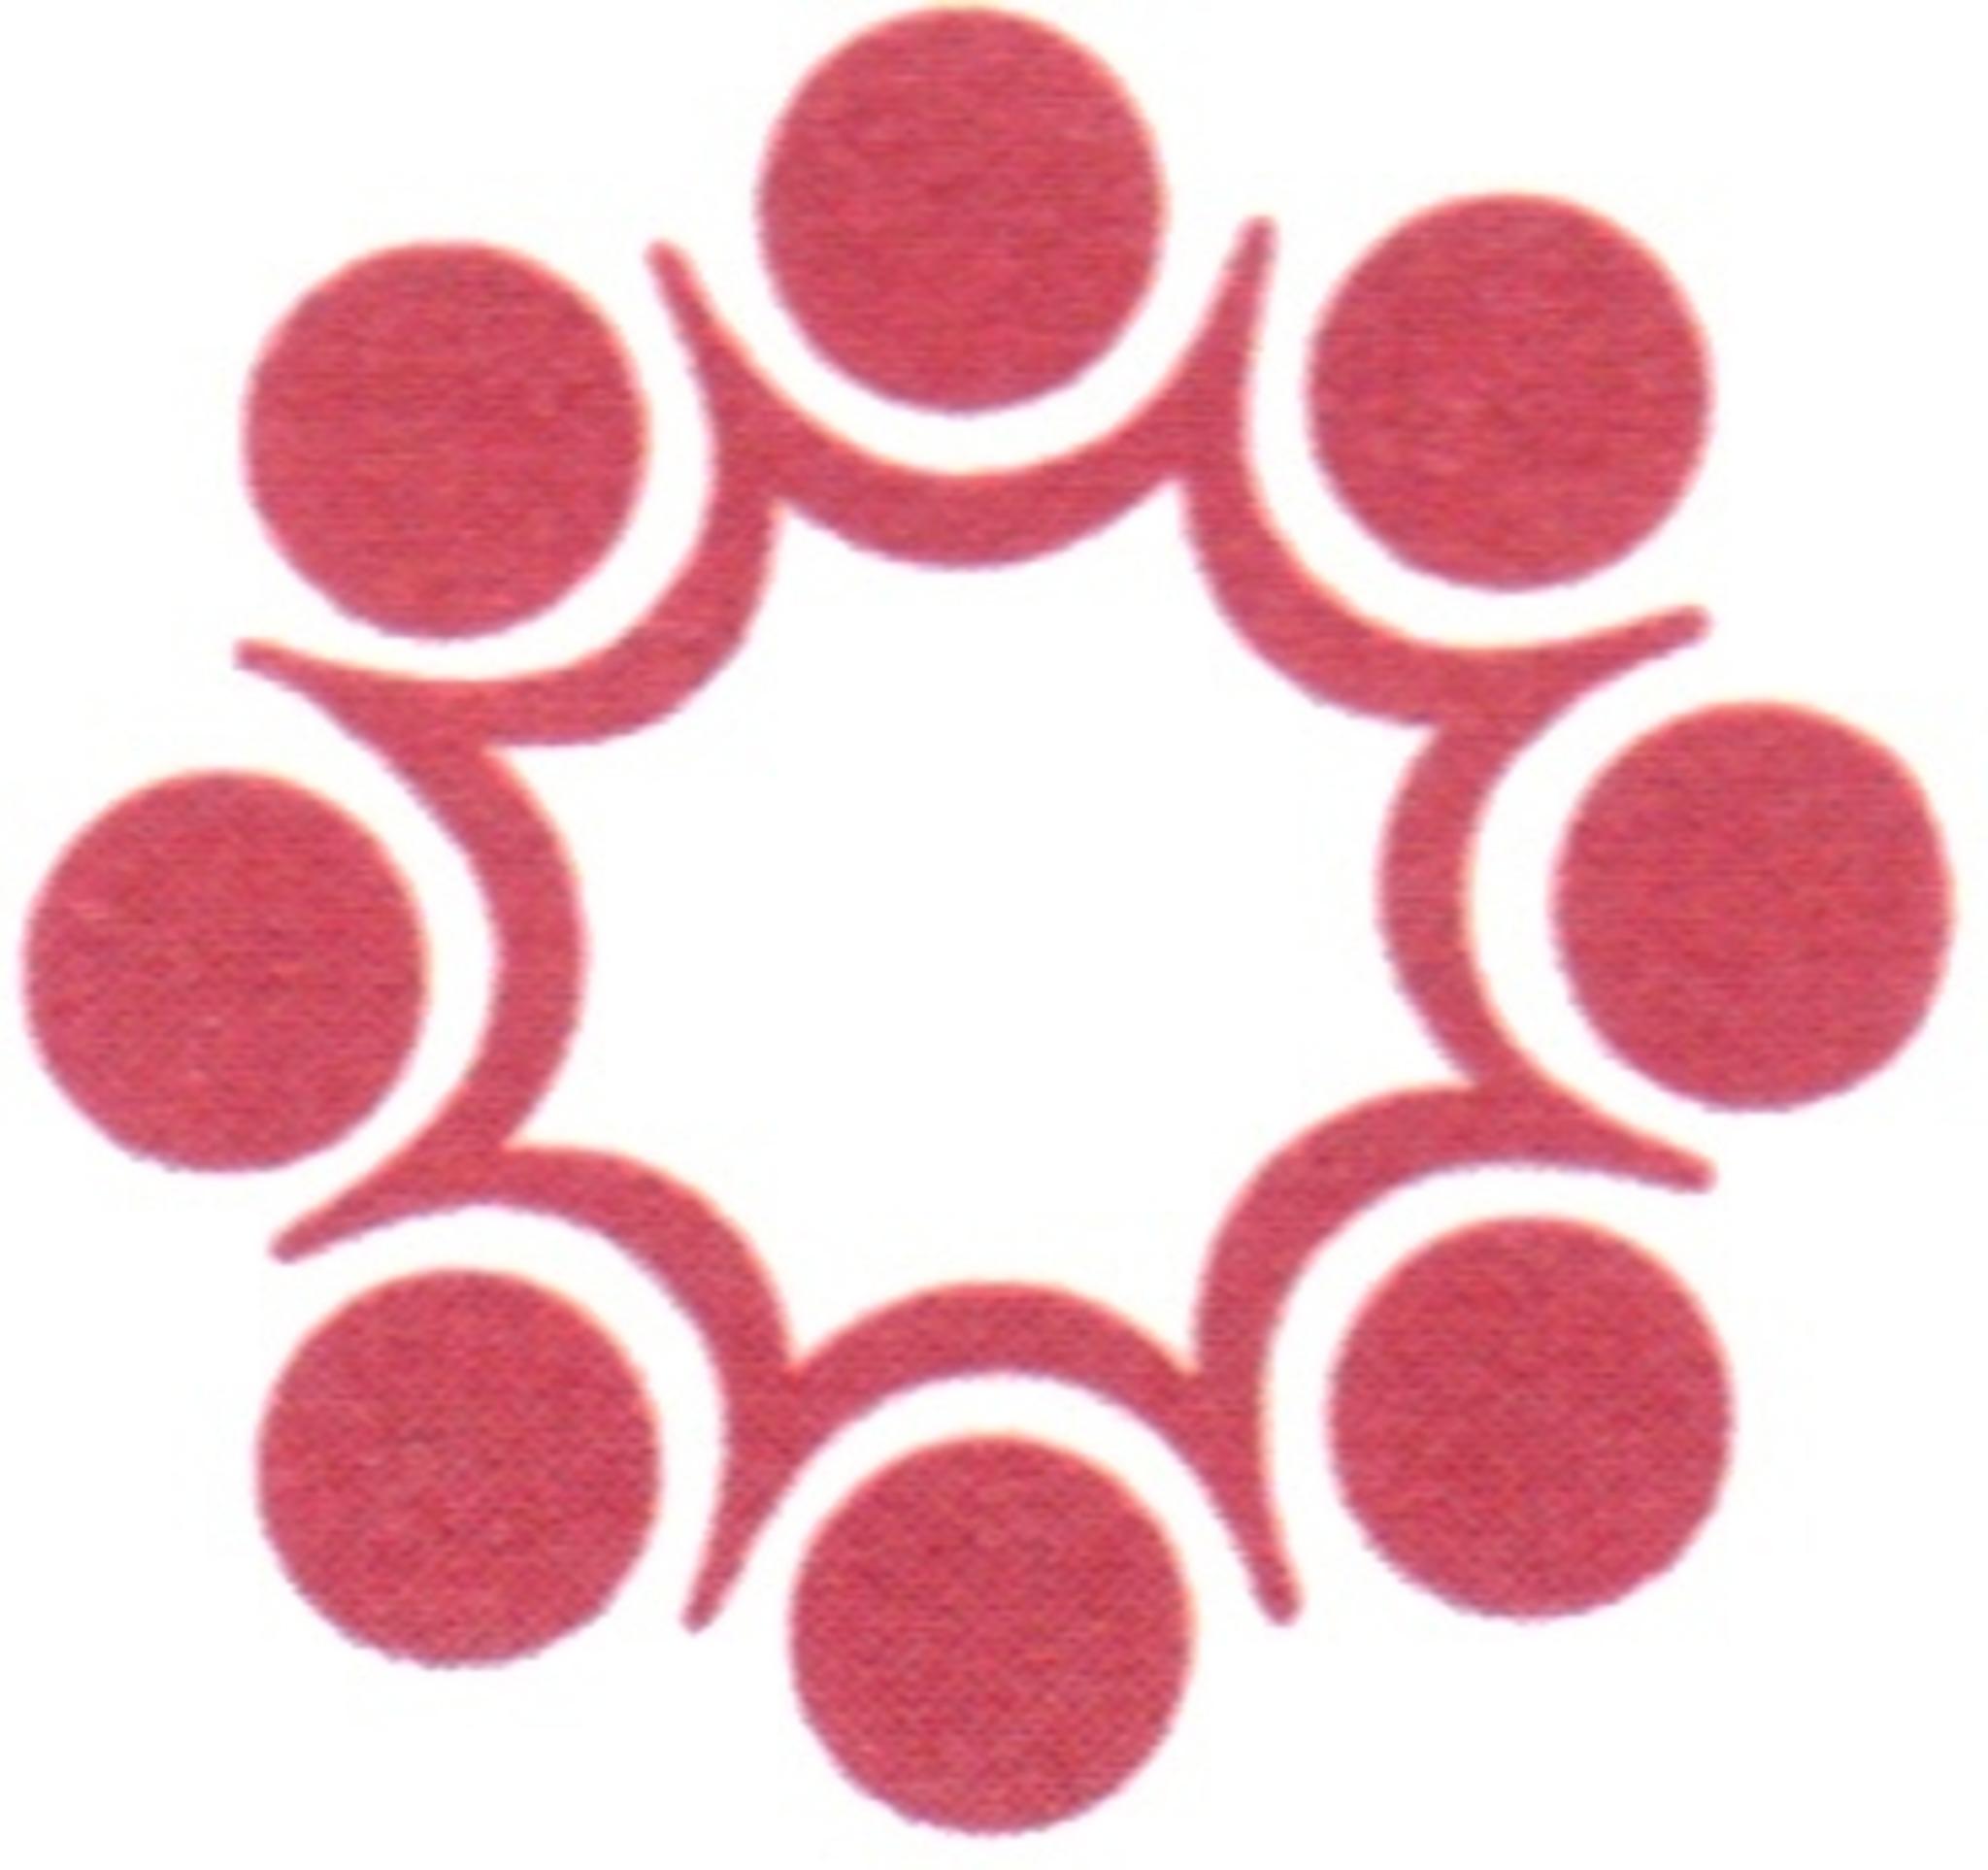 Frhstcks-Treffen - Thema auf blaklimos.com